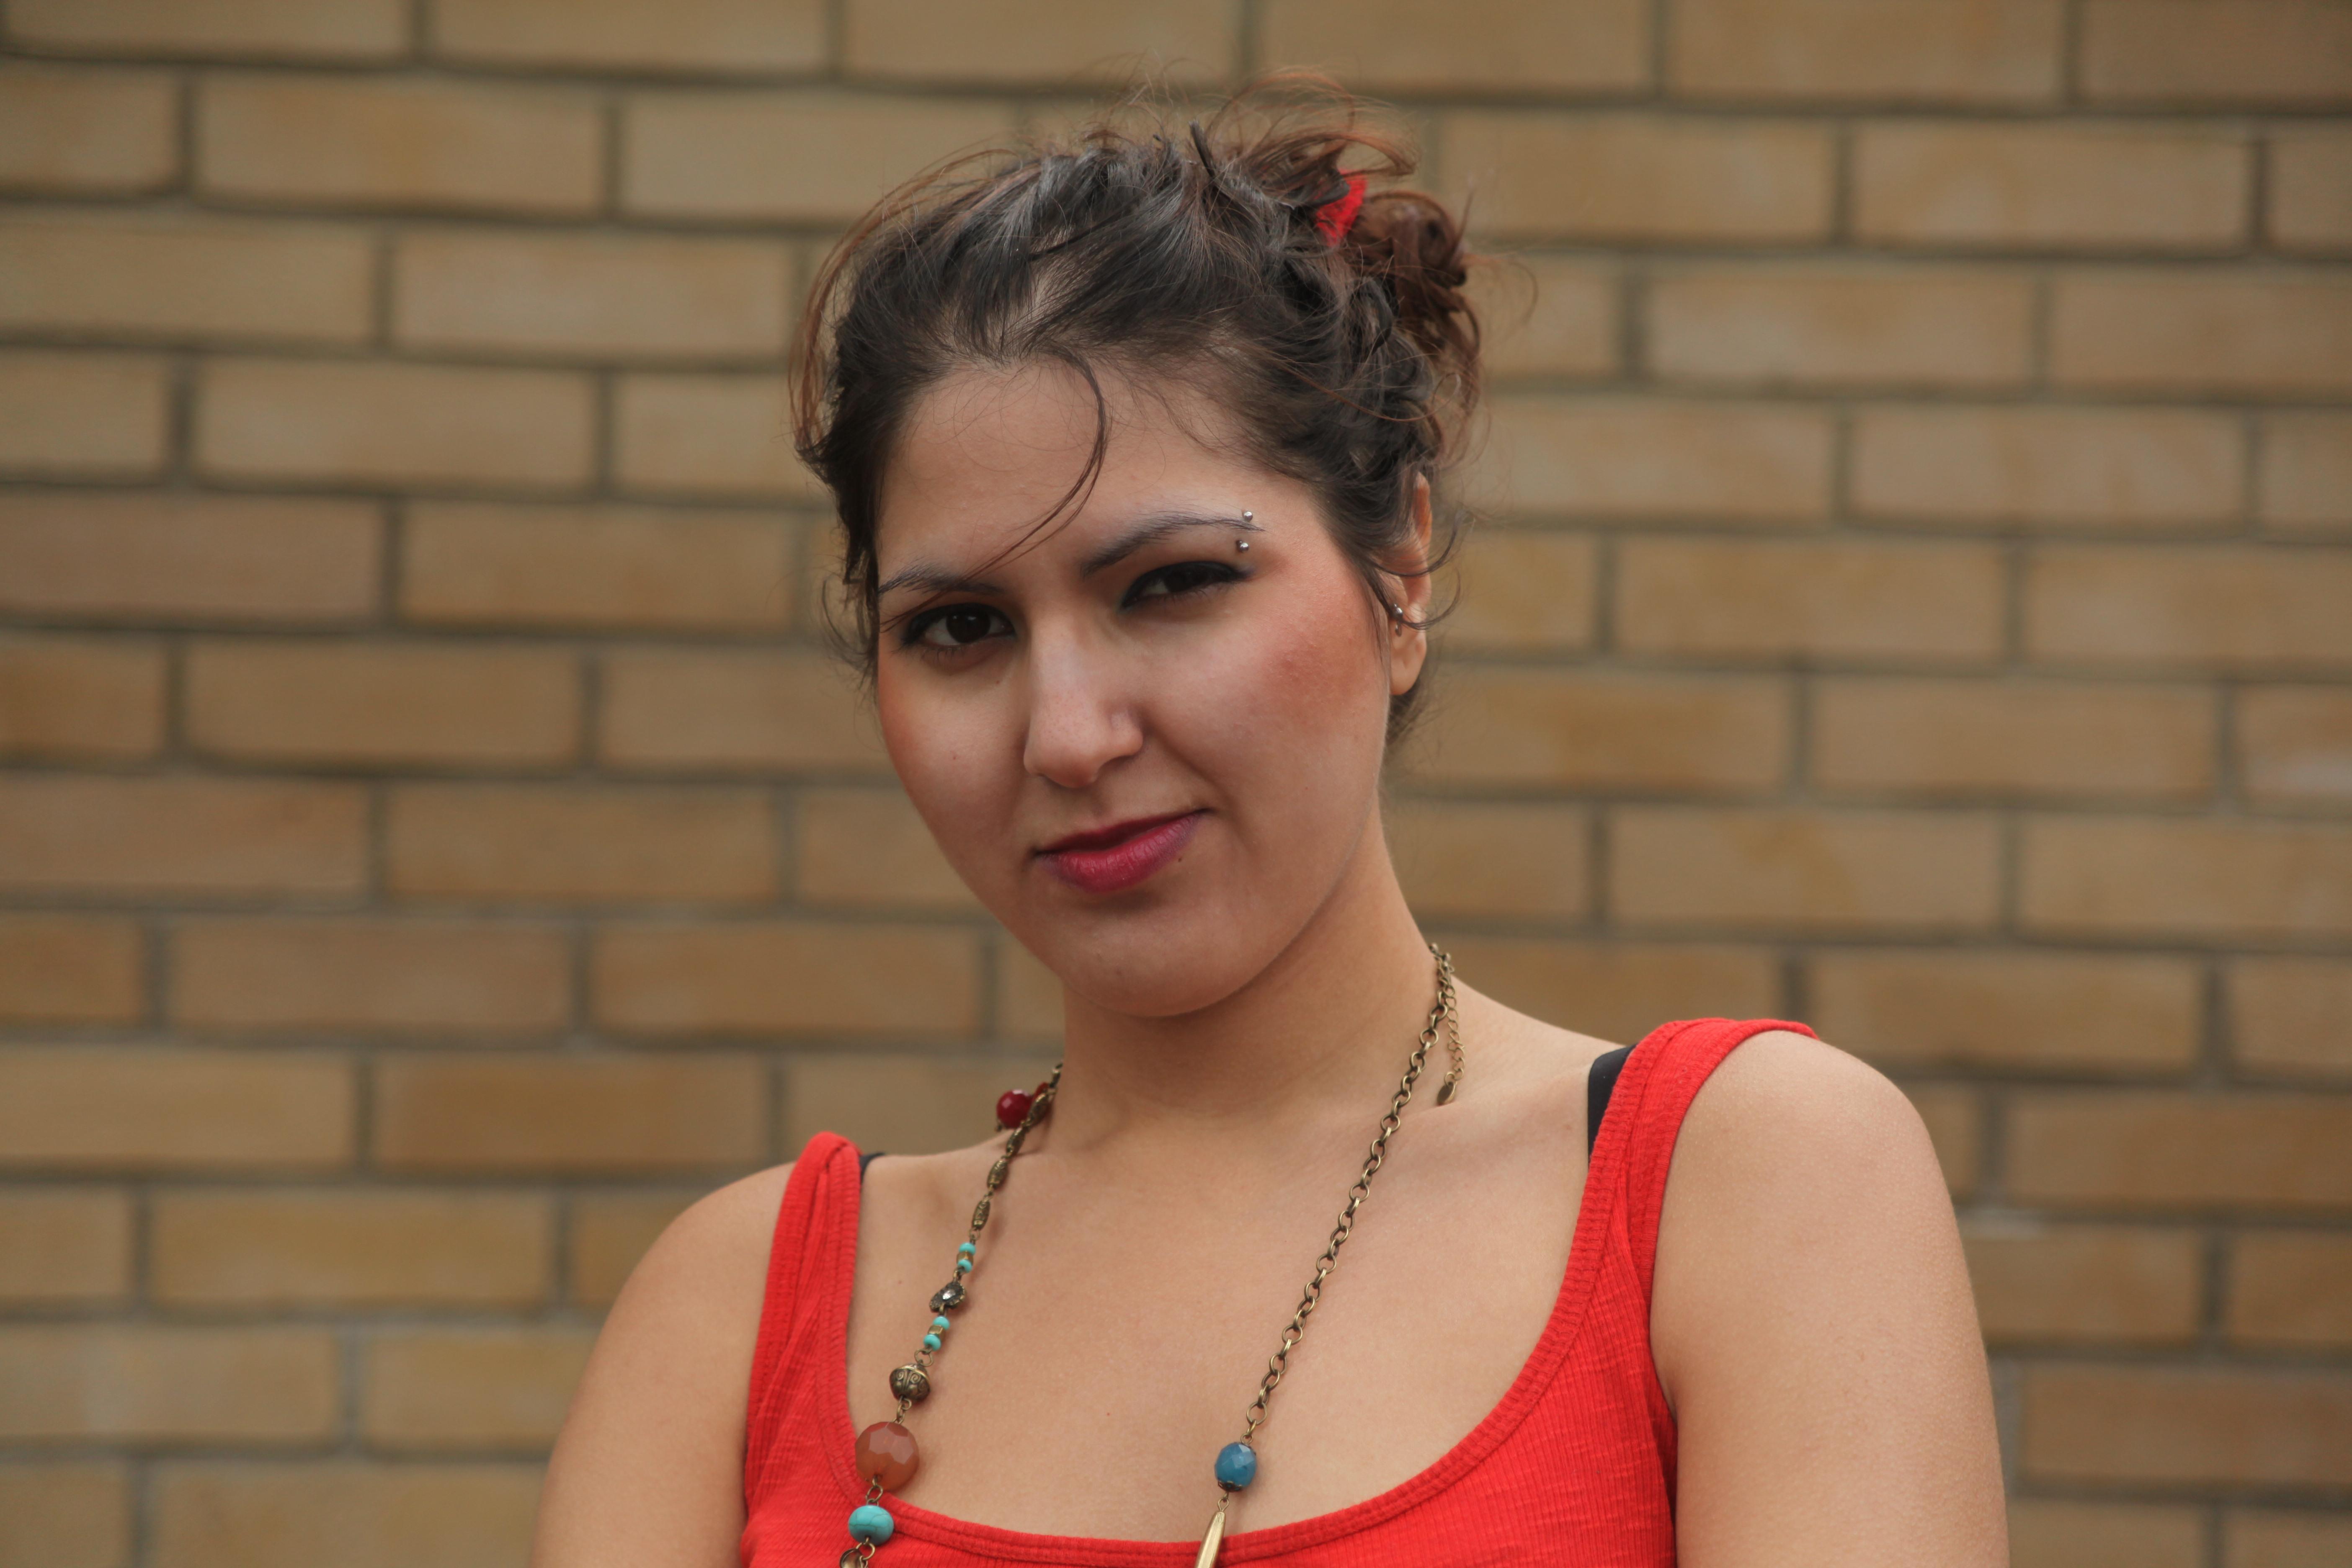 Photo of Carmen Ali Comedian